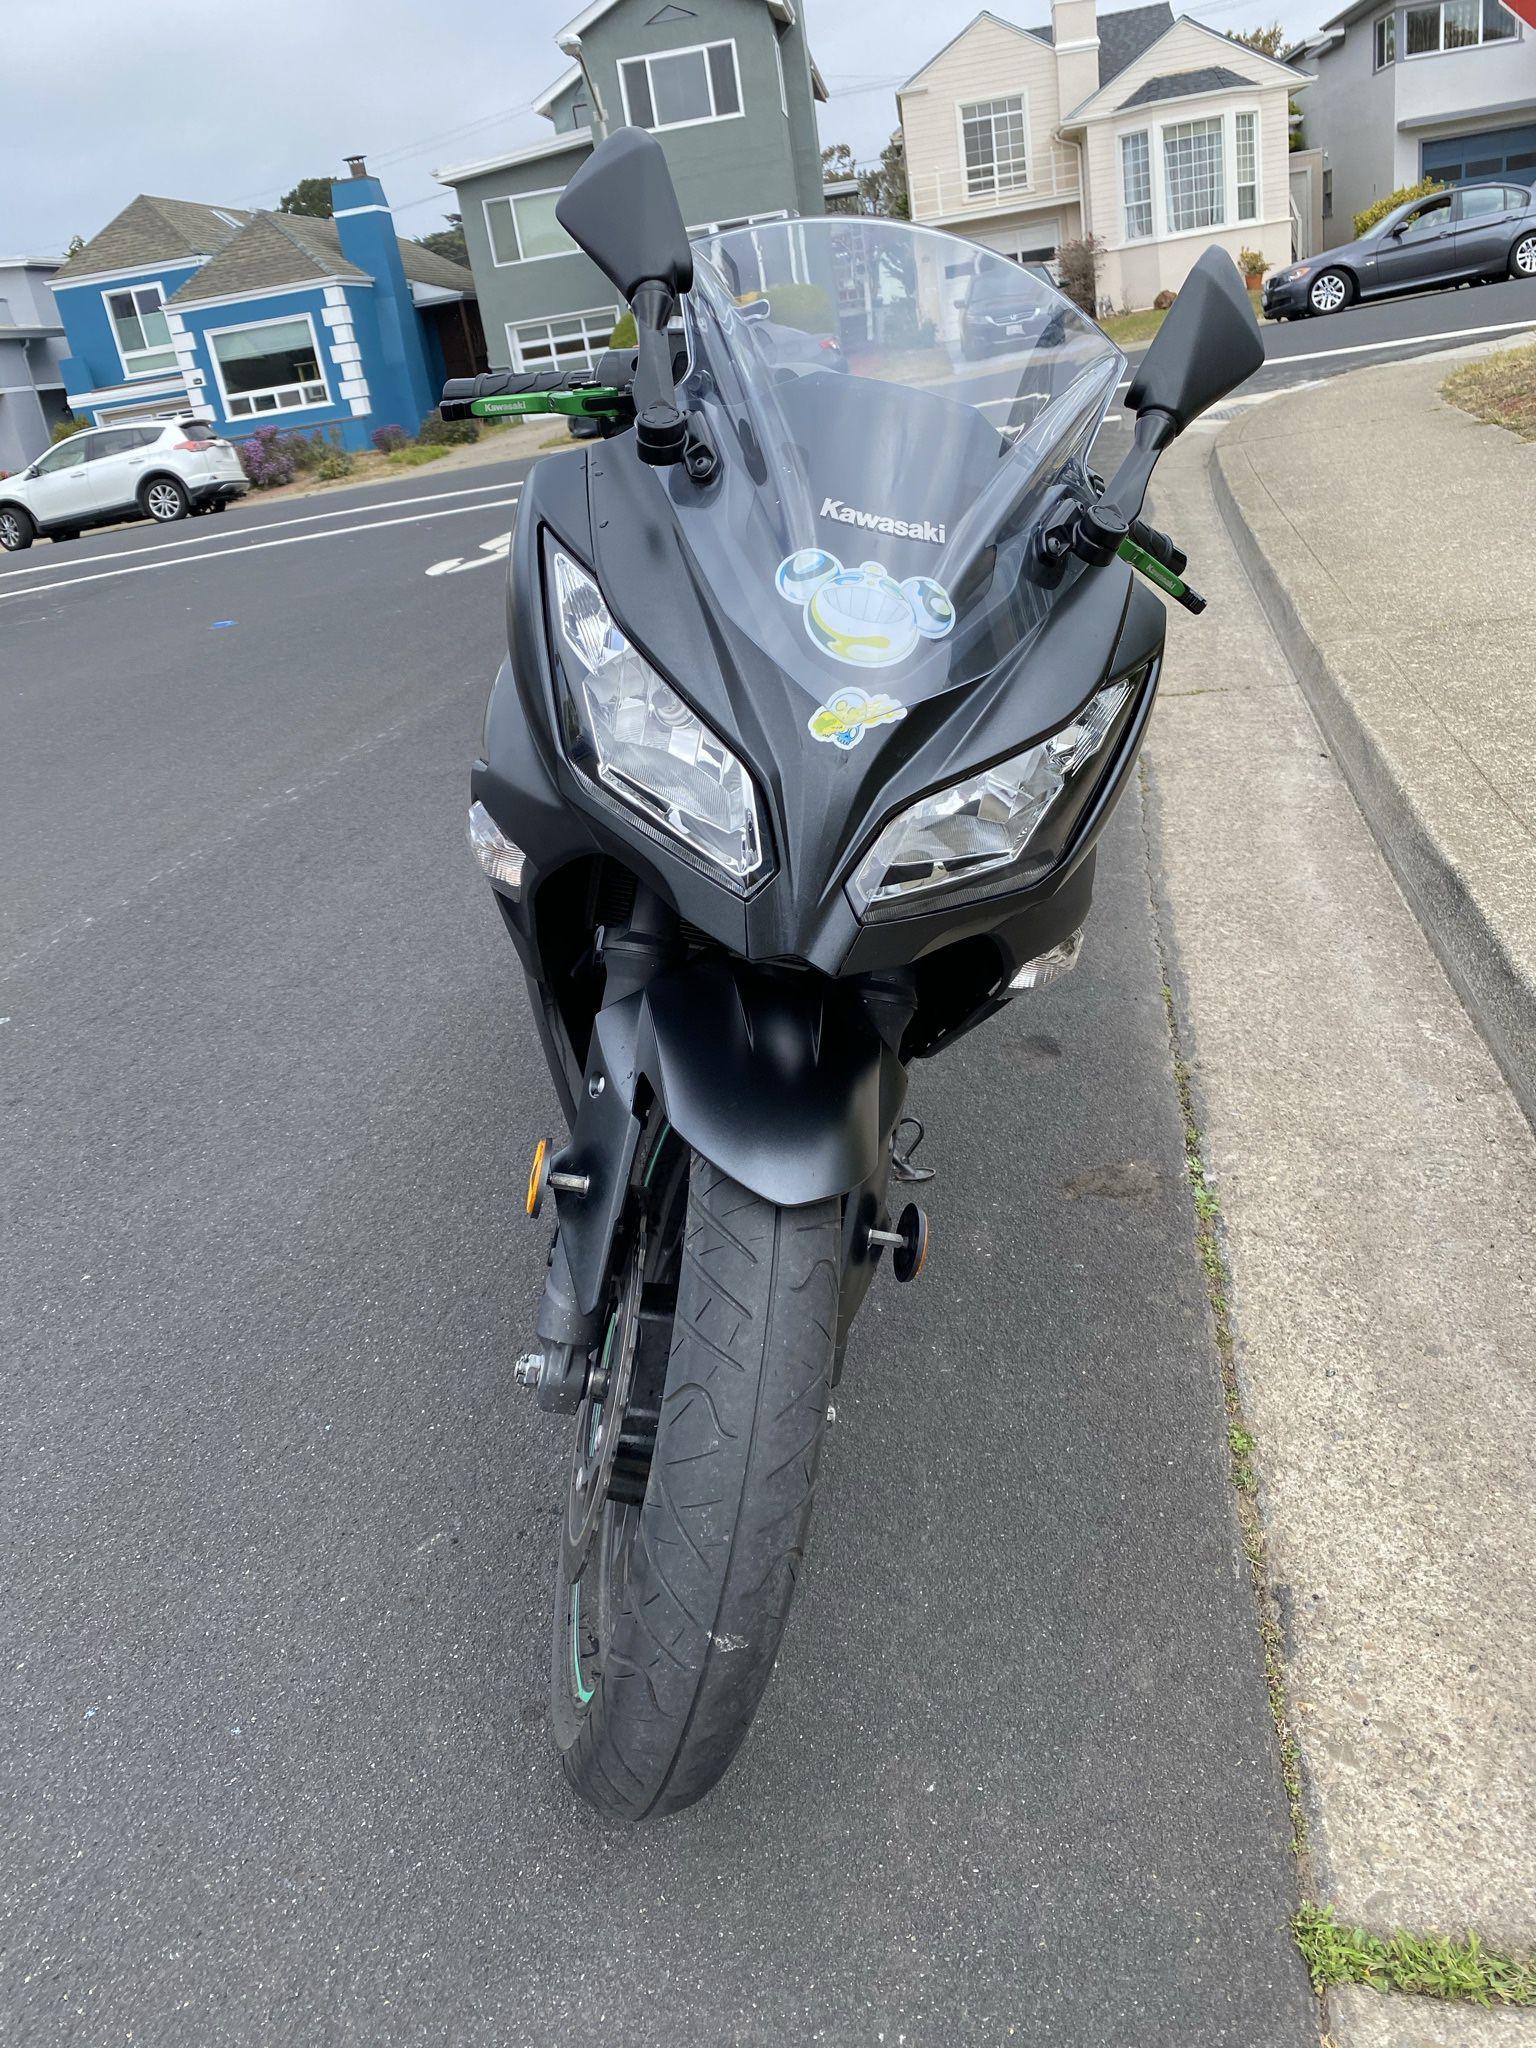 2016 Kawasaki ninja 300 street bike